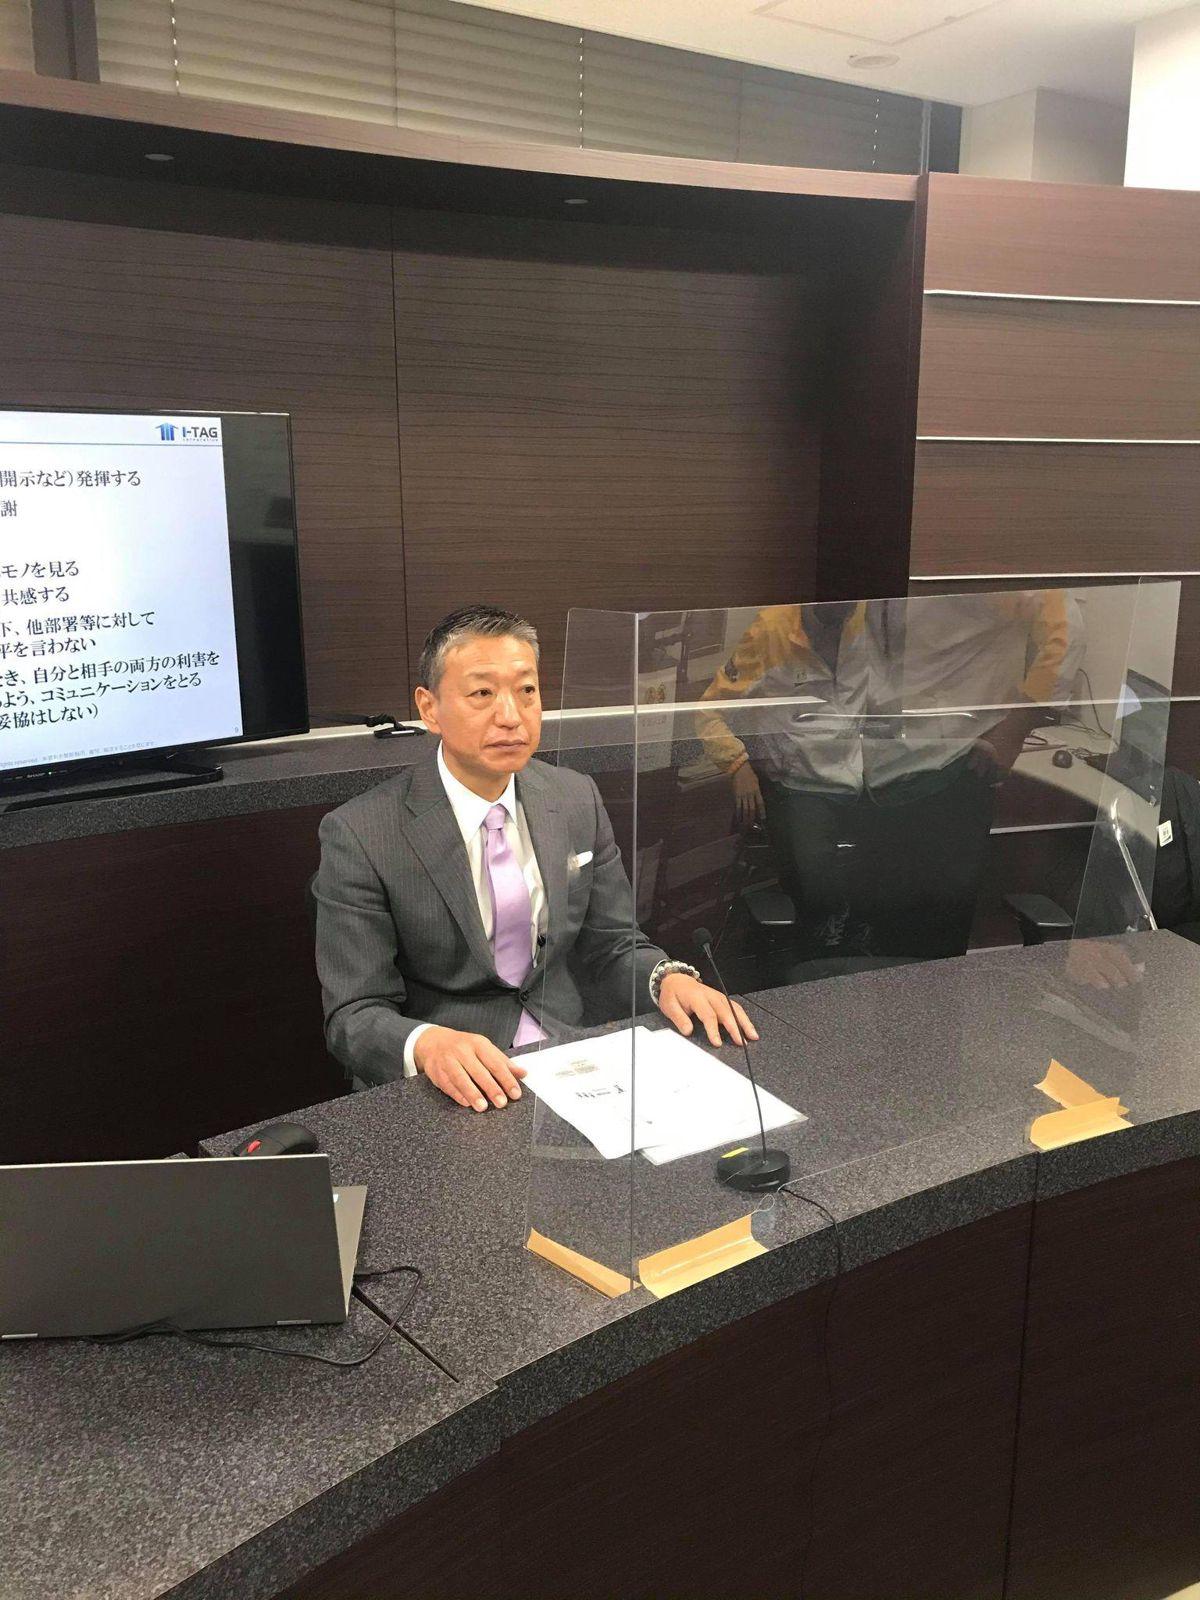 【講演】明治安田生命保険相互会社様にて講演を実施